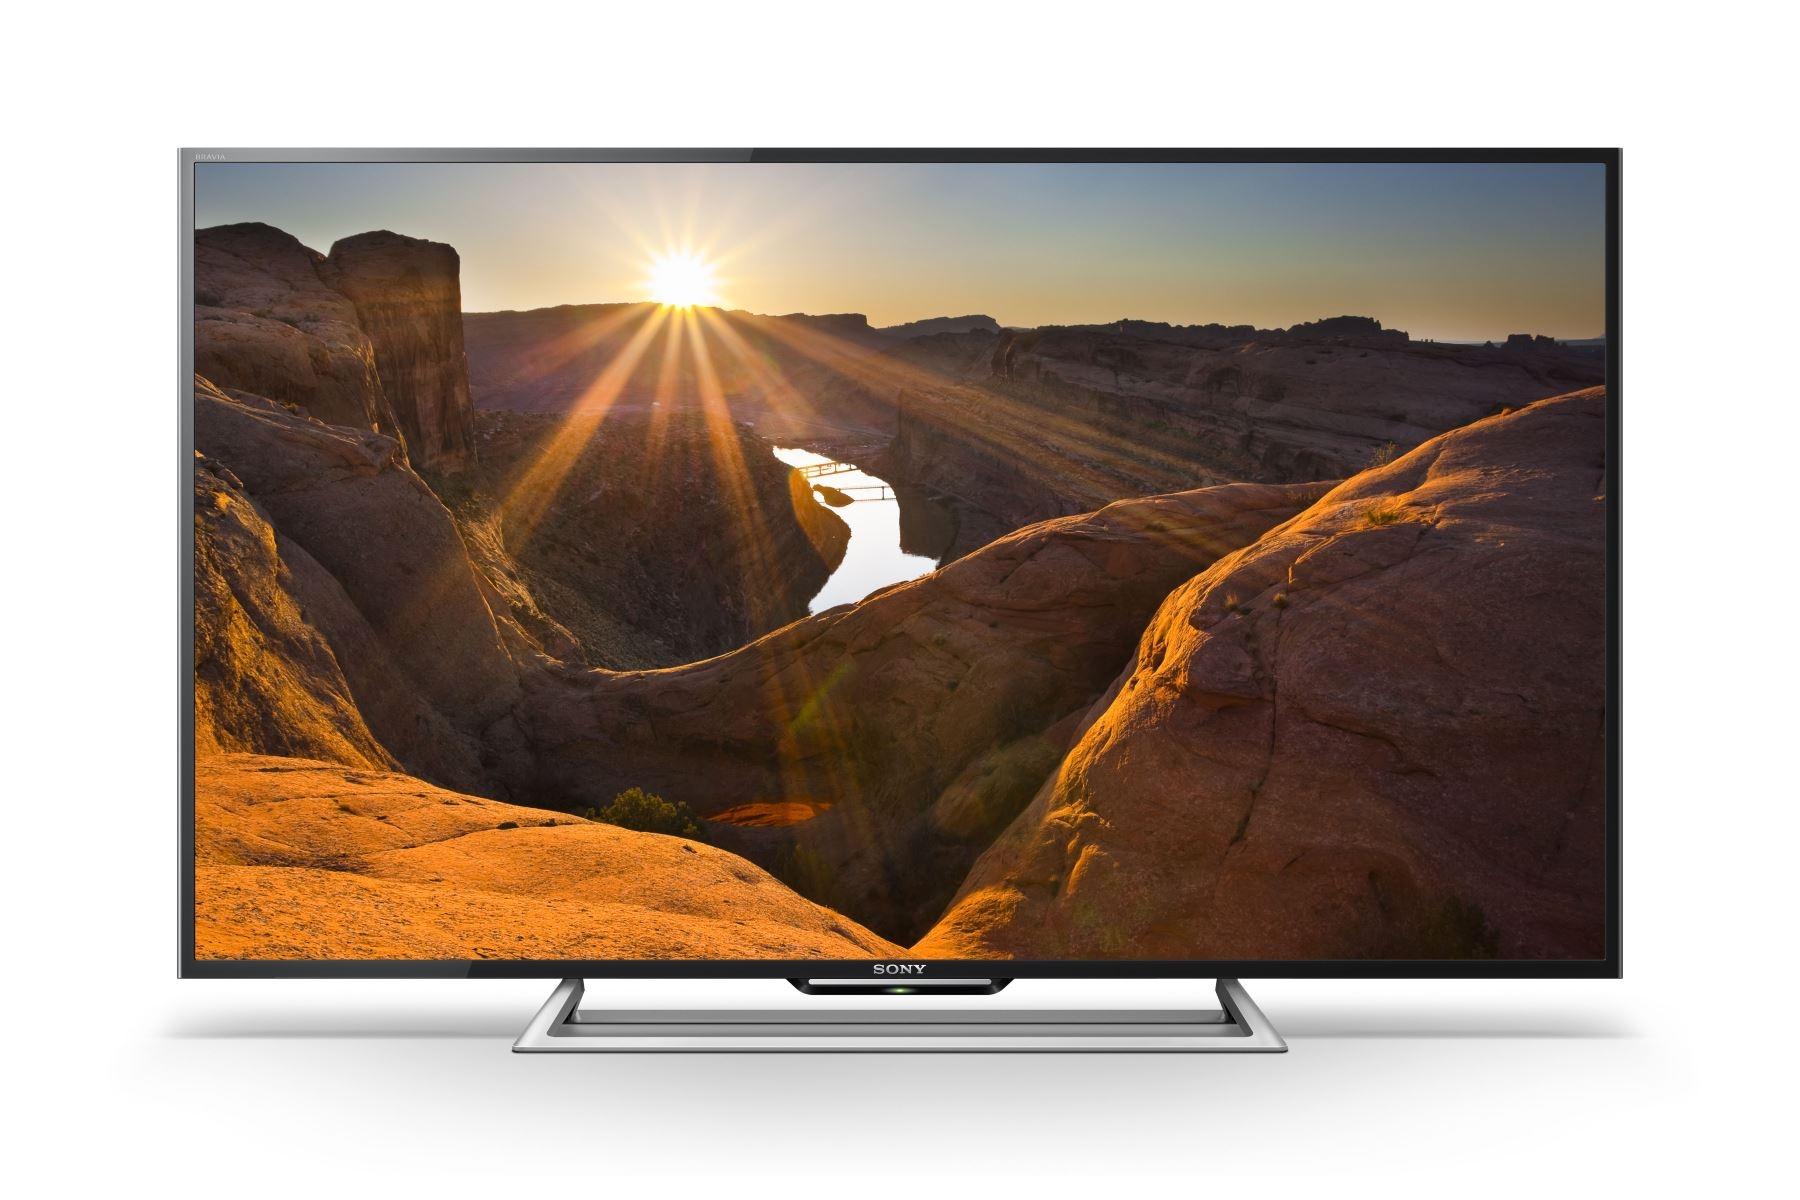 Internet TV Sony R500C: Hình ảnh ấn tượng, thiết kế hiện đại